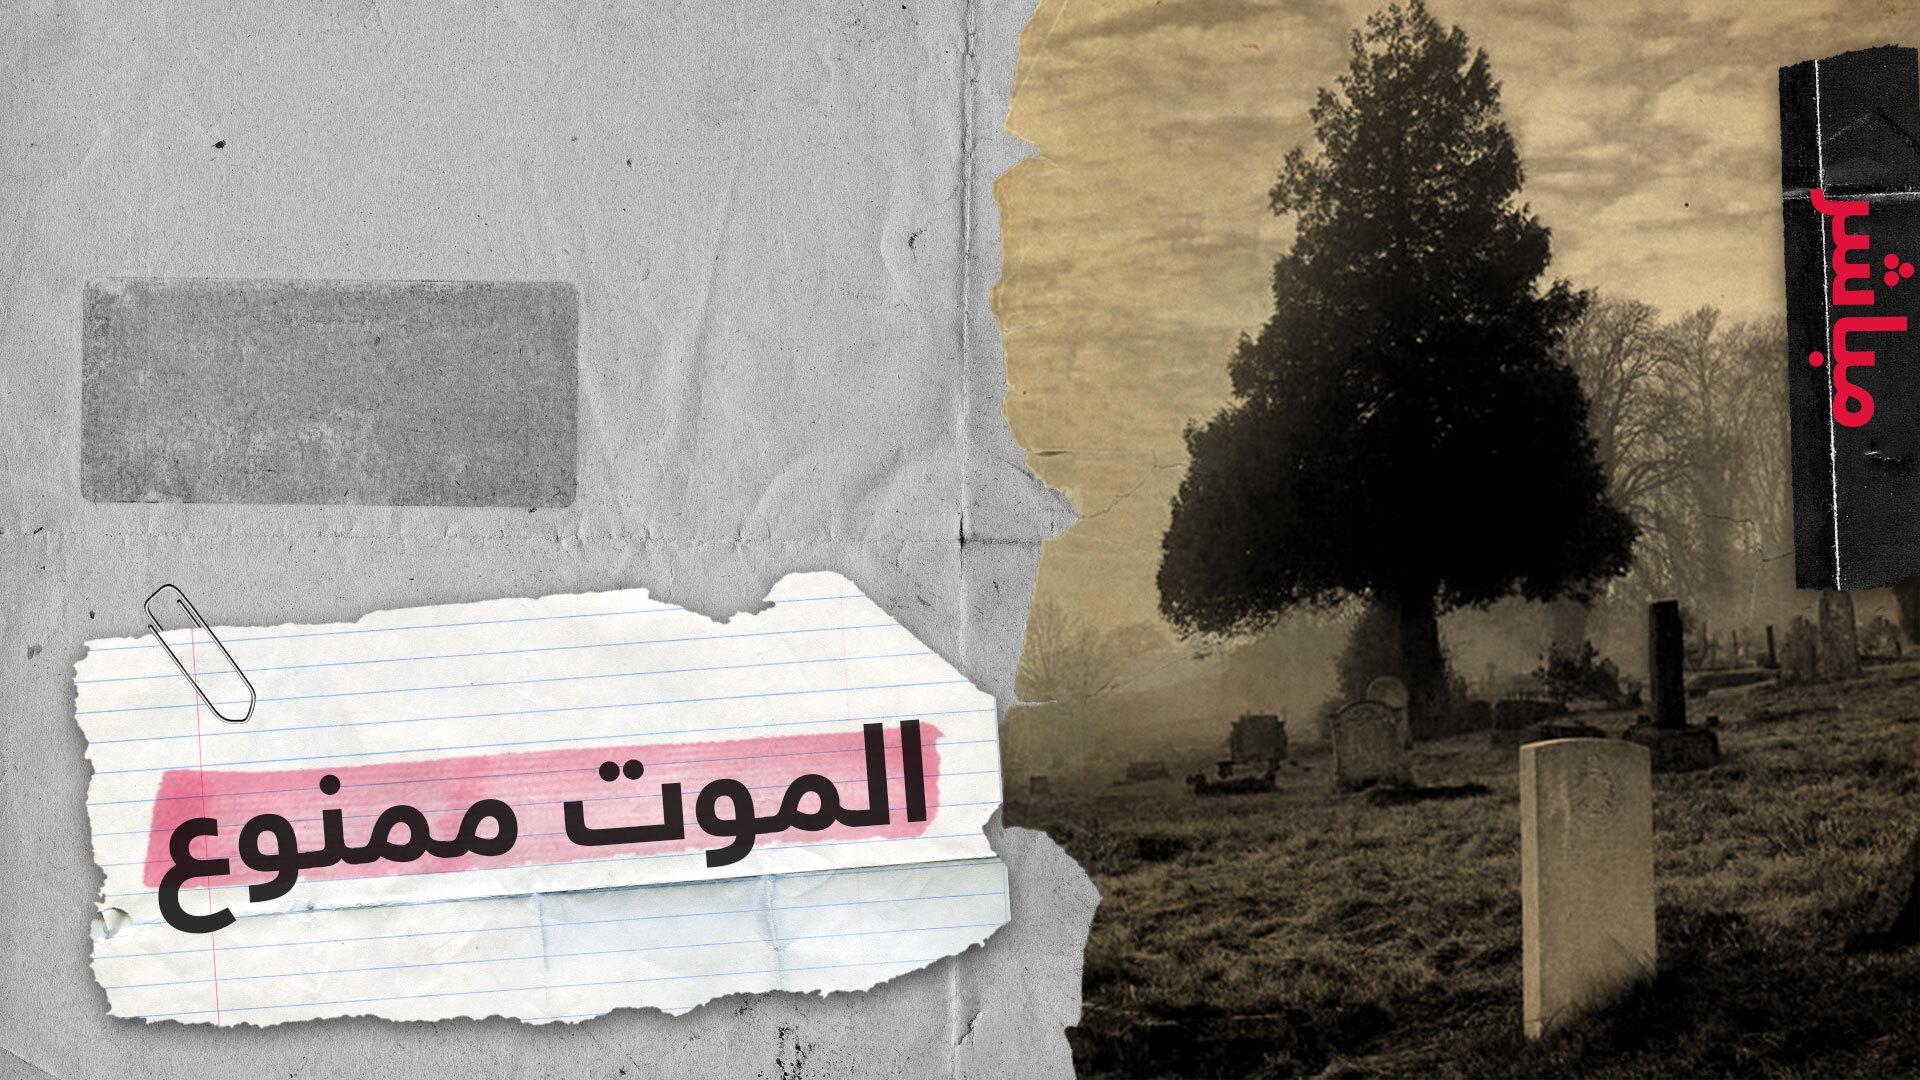 أزمة الأطباء في فرنسا.. احتجاجات غريبة  وحلول تصعب أكثر وضع دول عربية